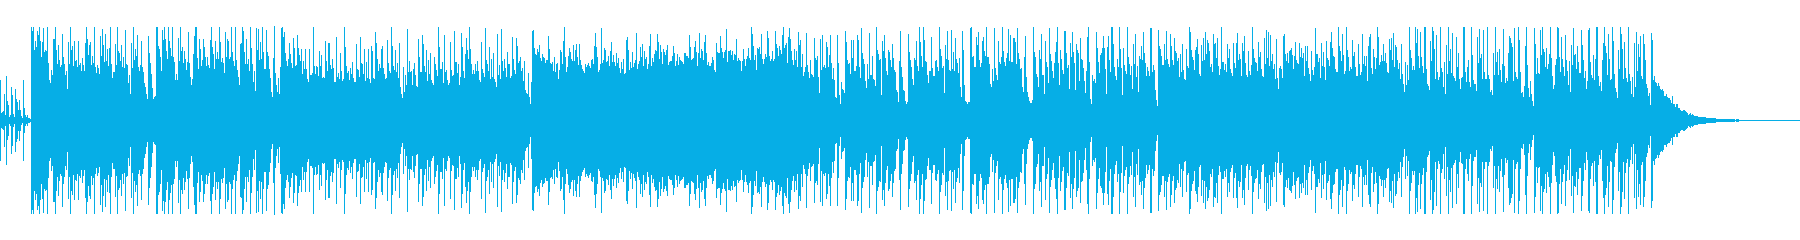 壮大な和風シネマティックサウンドの再生済みの波形